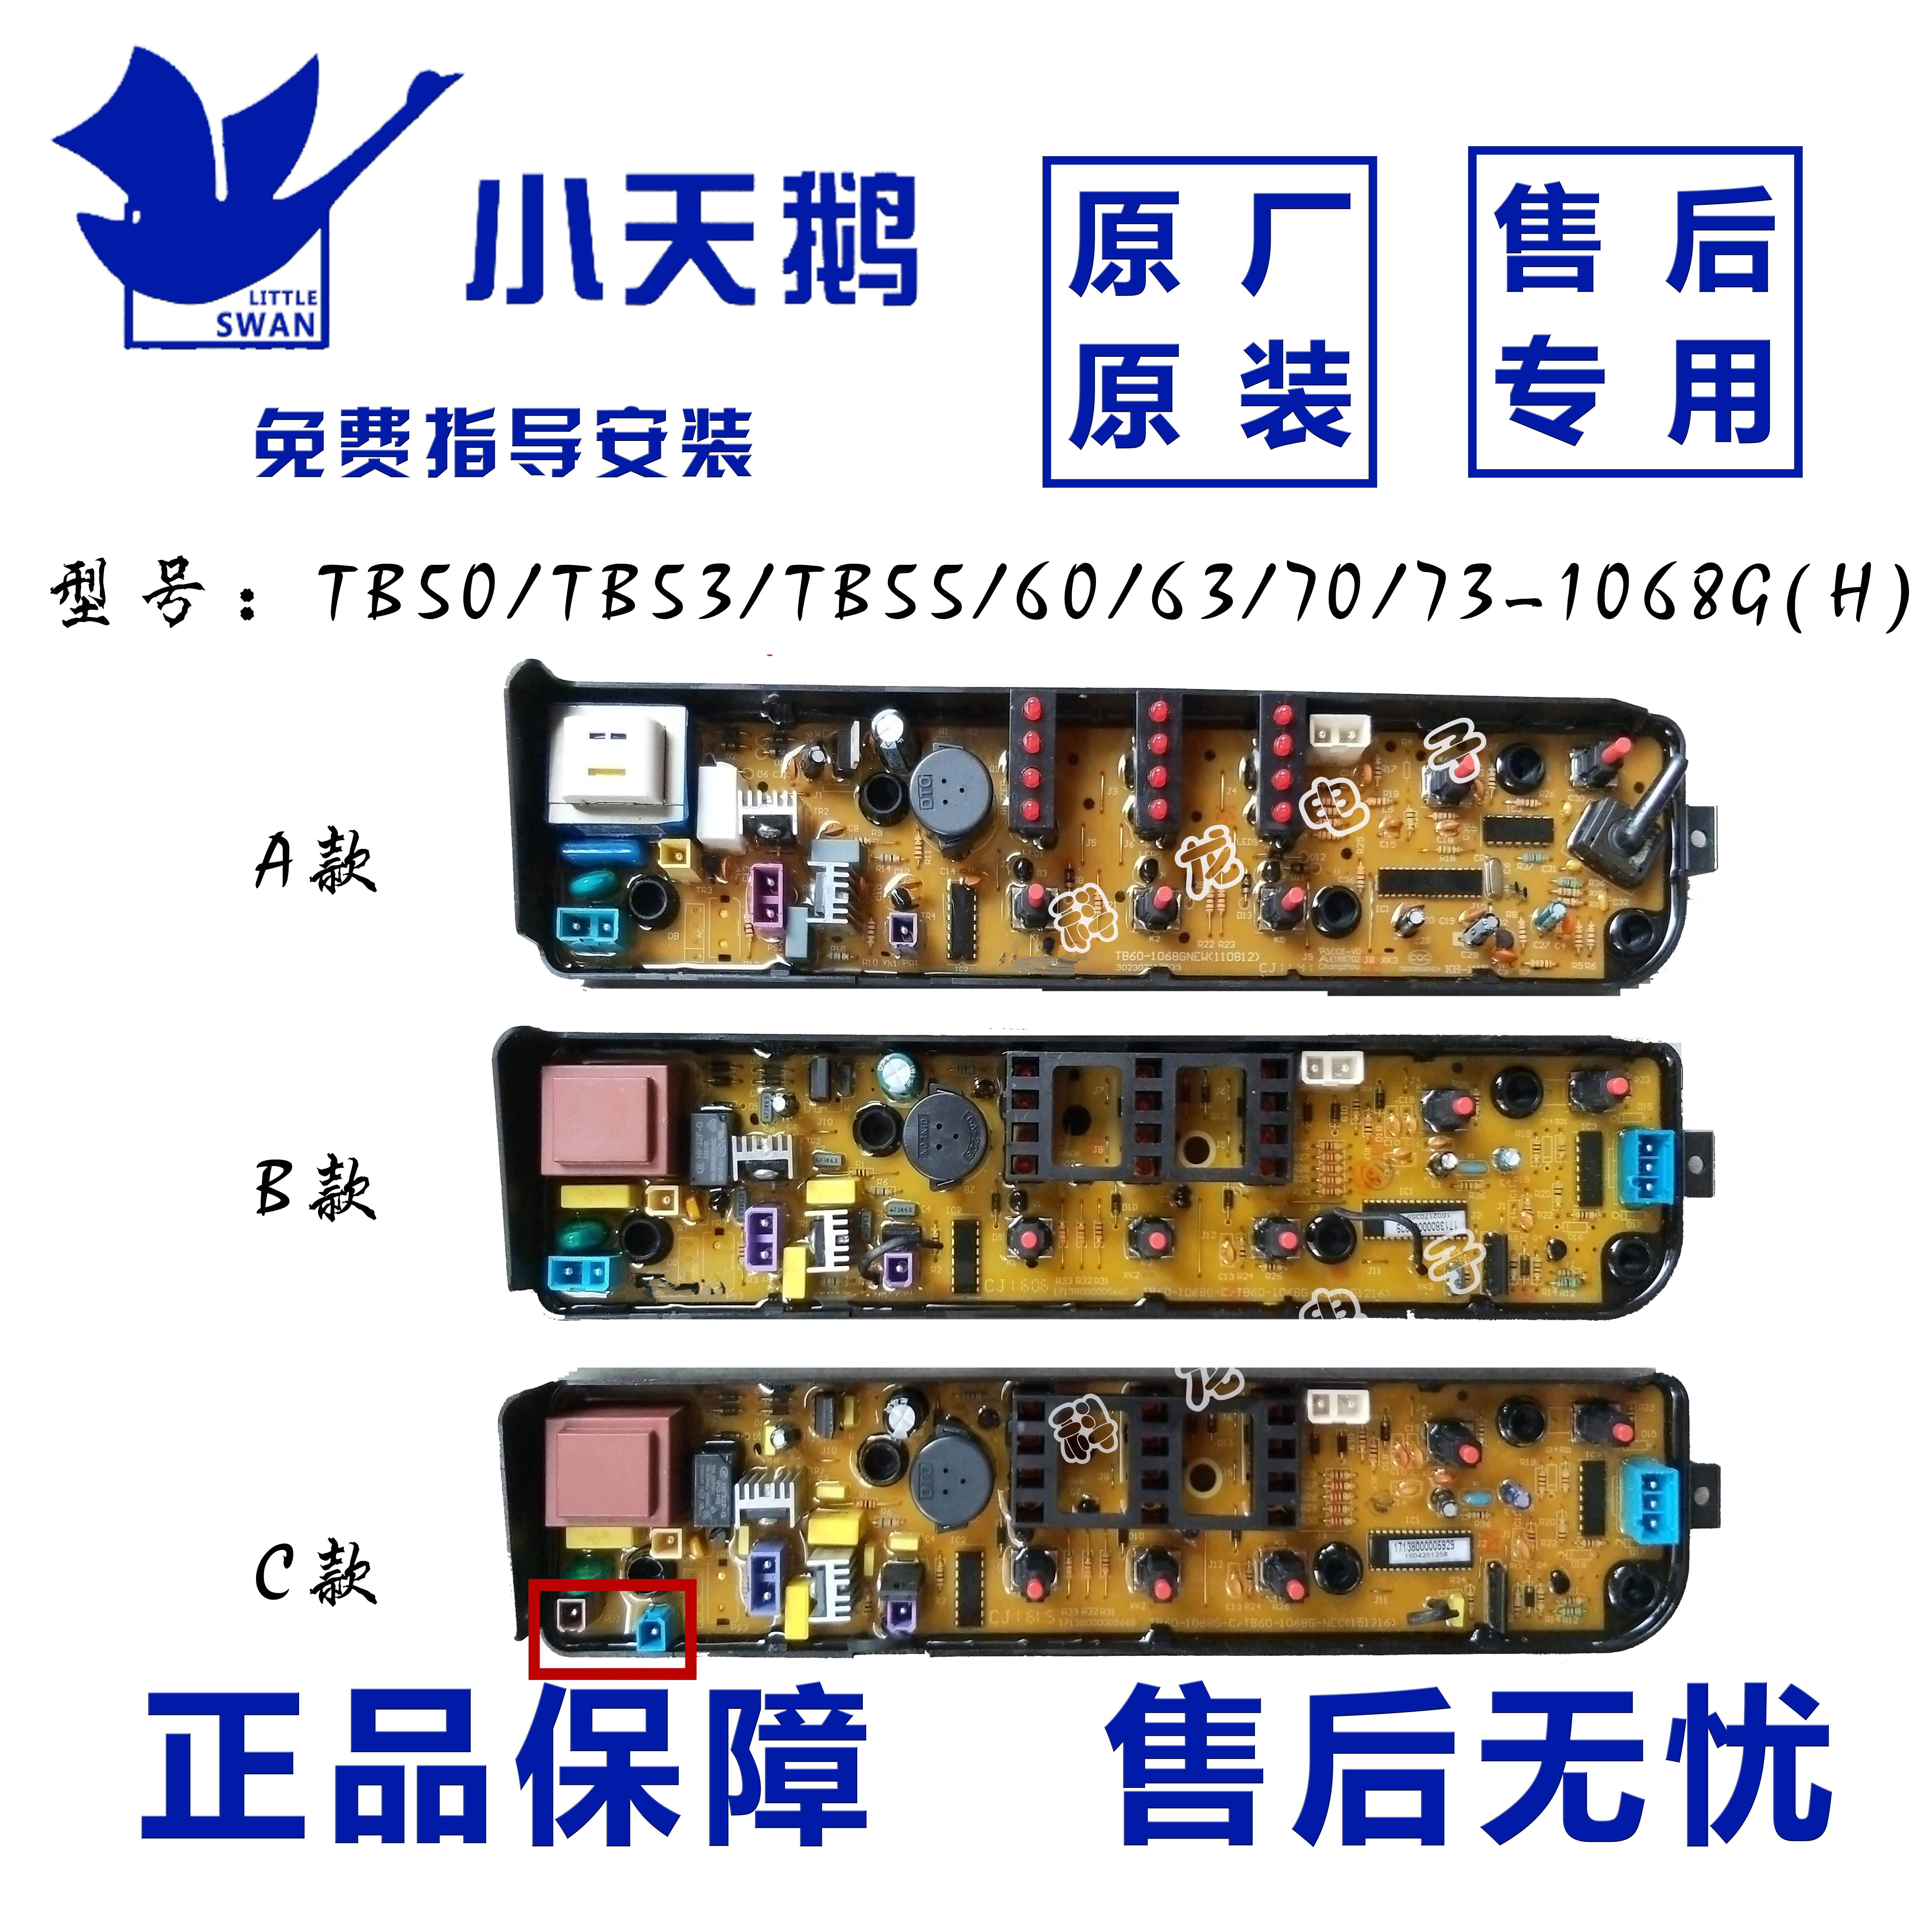 适用 TB50/TB53 /TB55/60/63/70/ 73-1068G(H)电脑板V1068G,可领取元淘宝优惠券